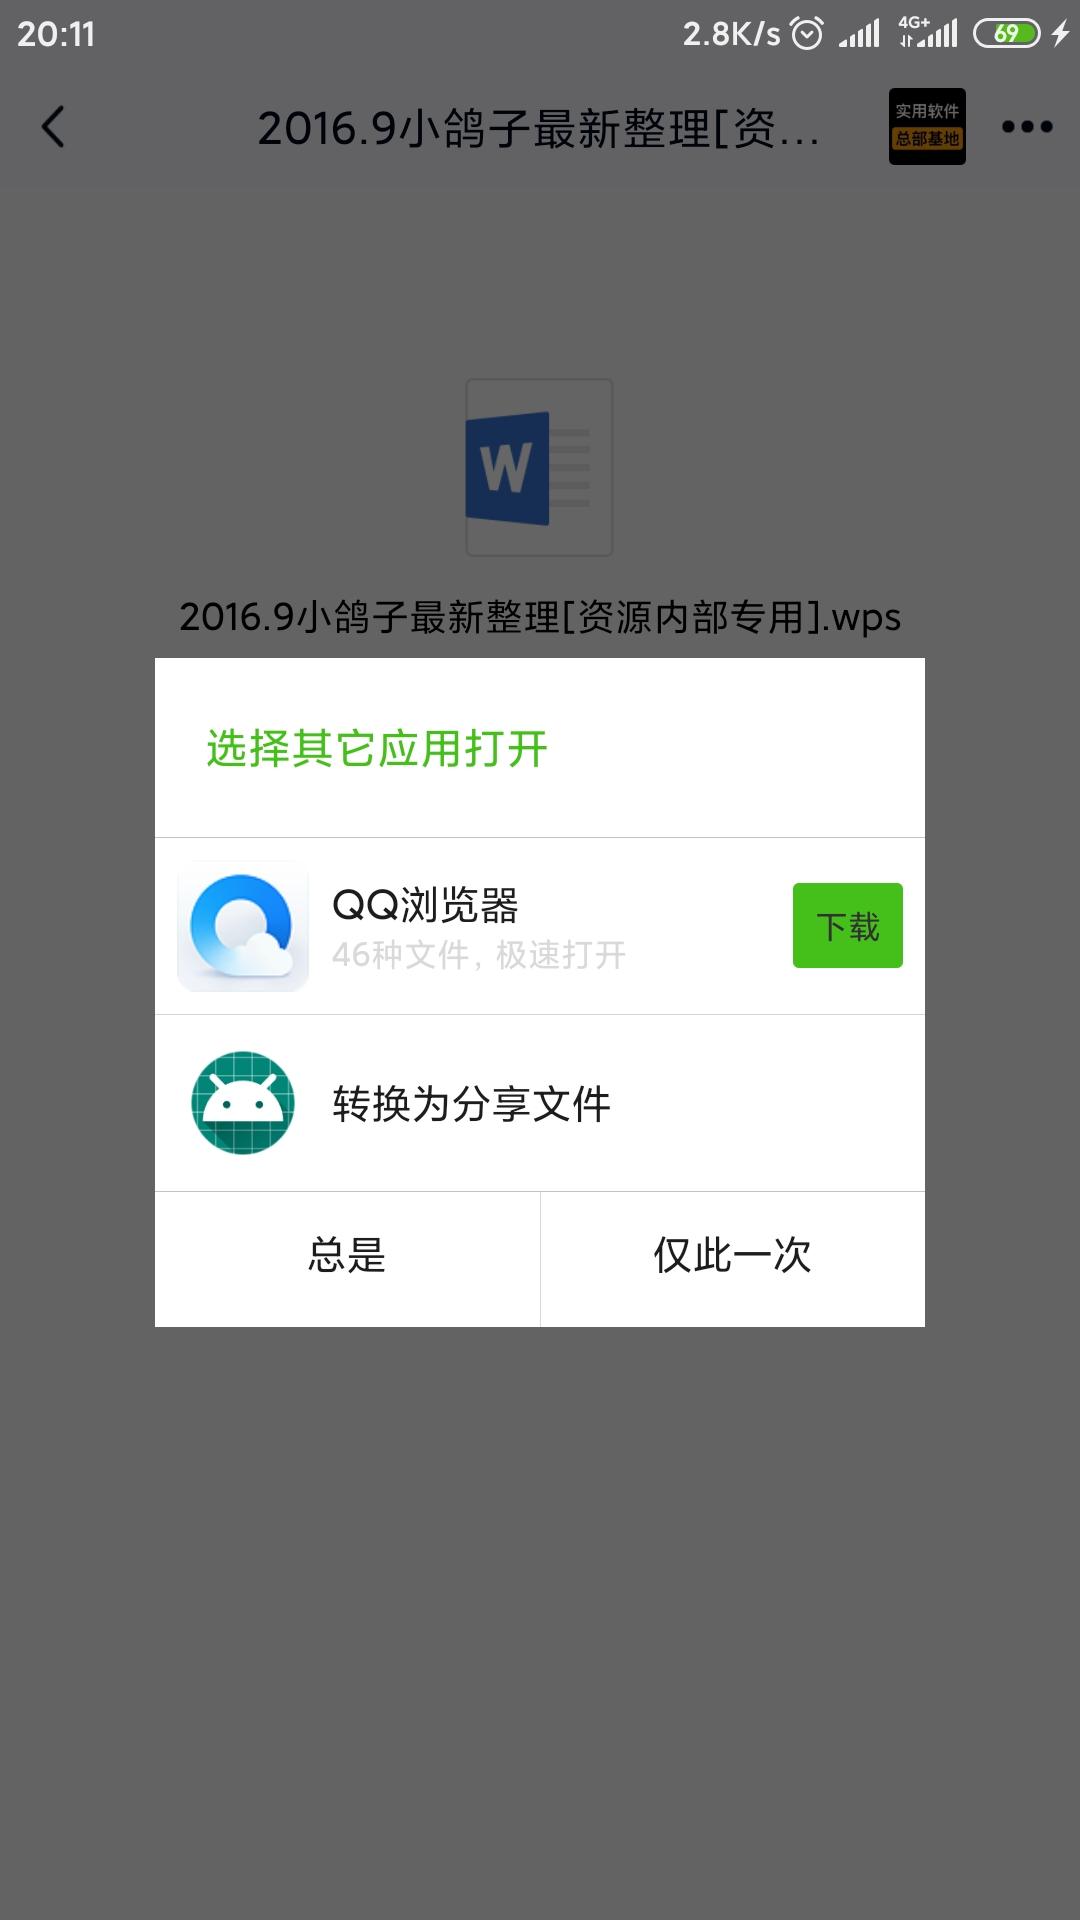 【分享】解决你微信QQ文件互传麻烦的操作-爱小助